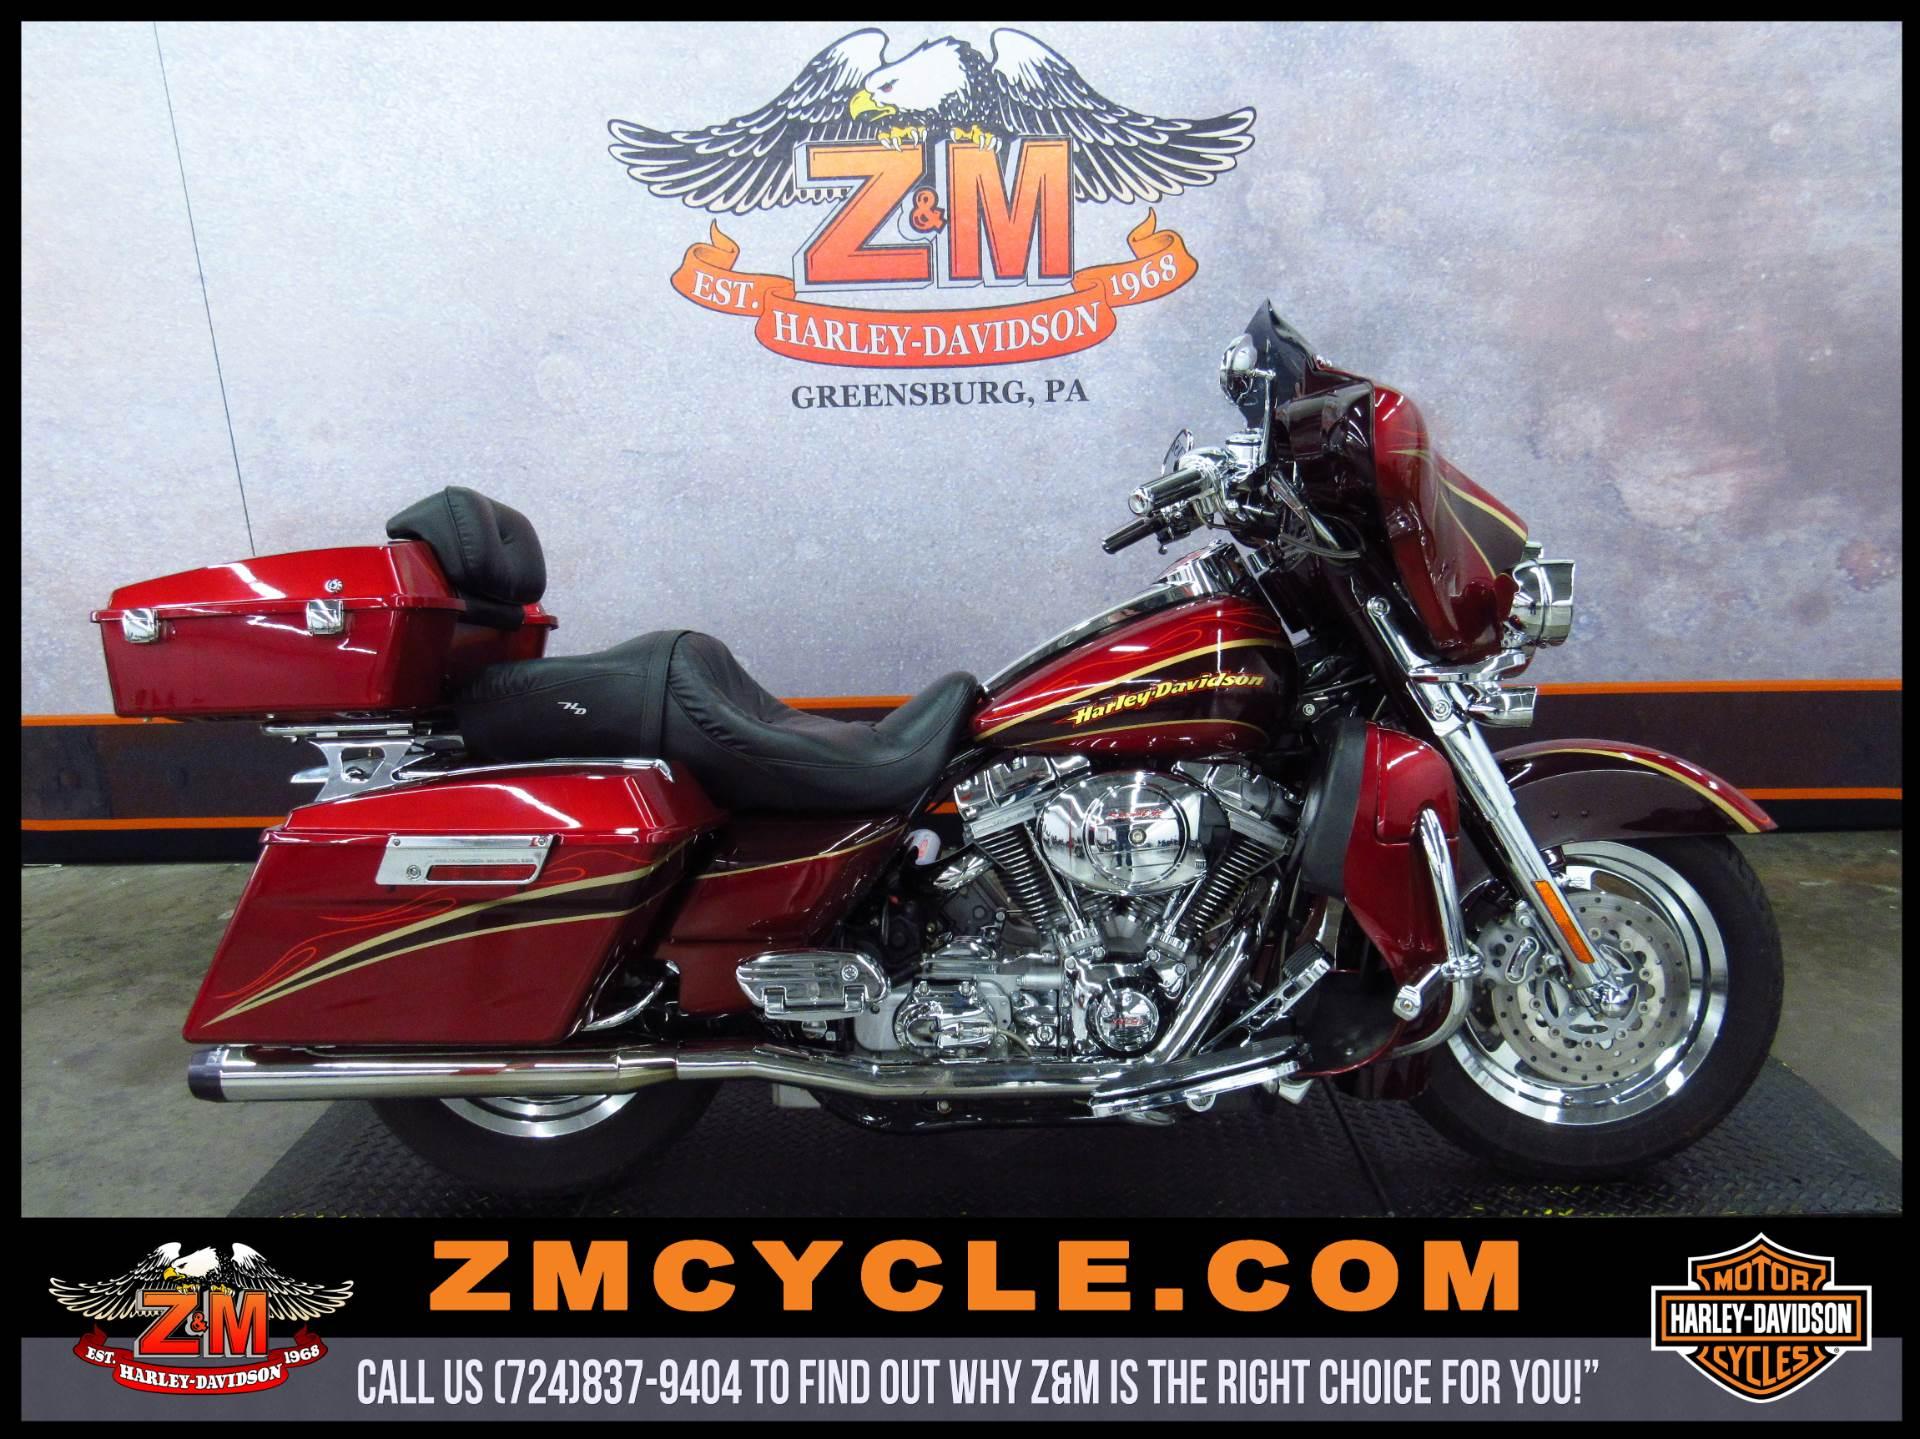 2005 Harley-Davidson FLHTCSE2 Screamin' Eagle Electra Glide 2 For Sale Greensburg, PA : 69665